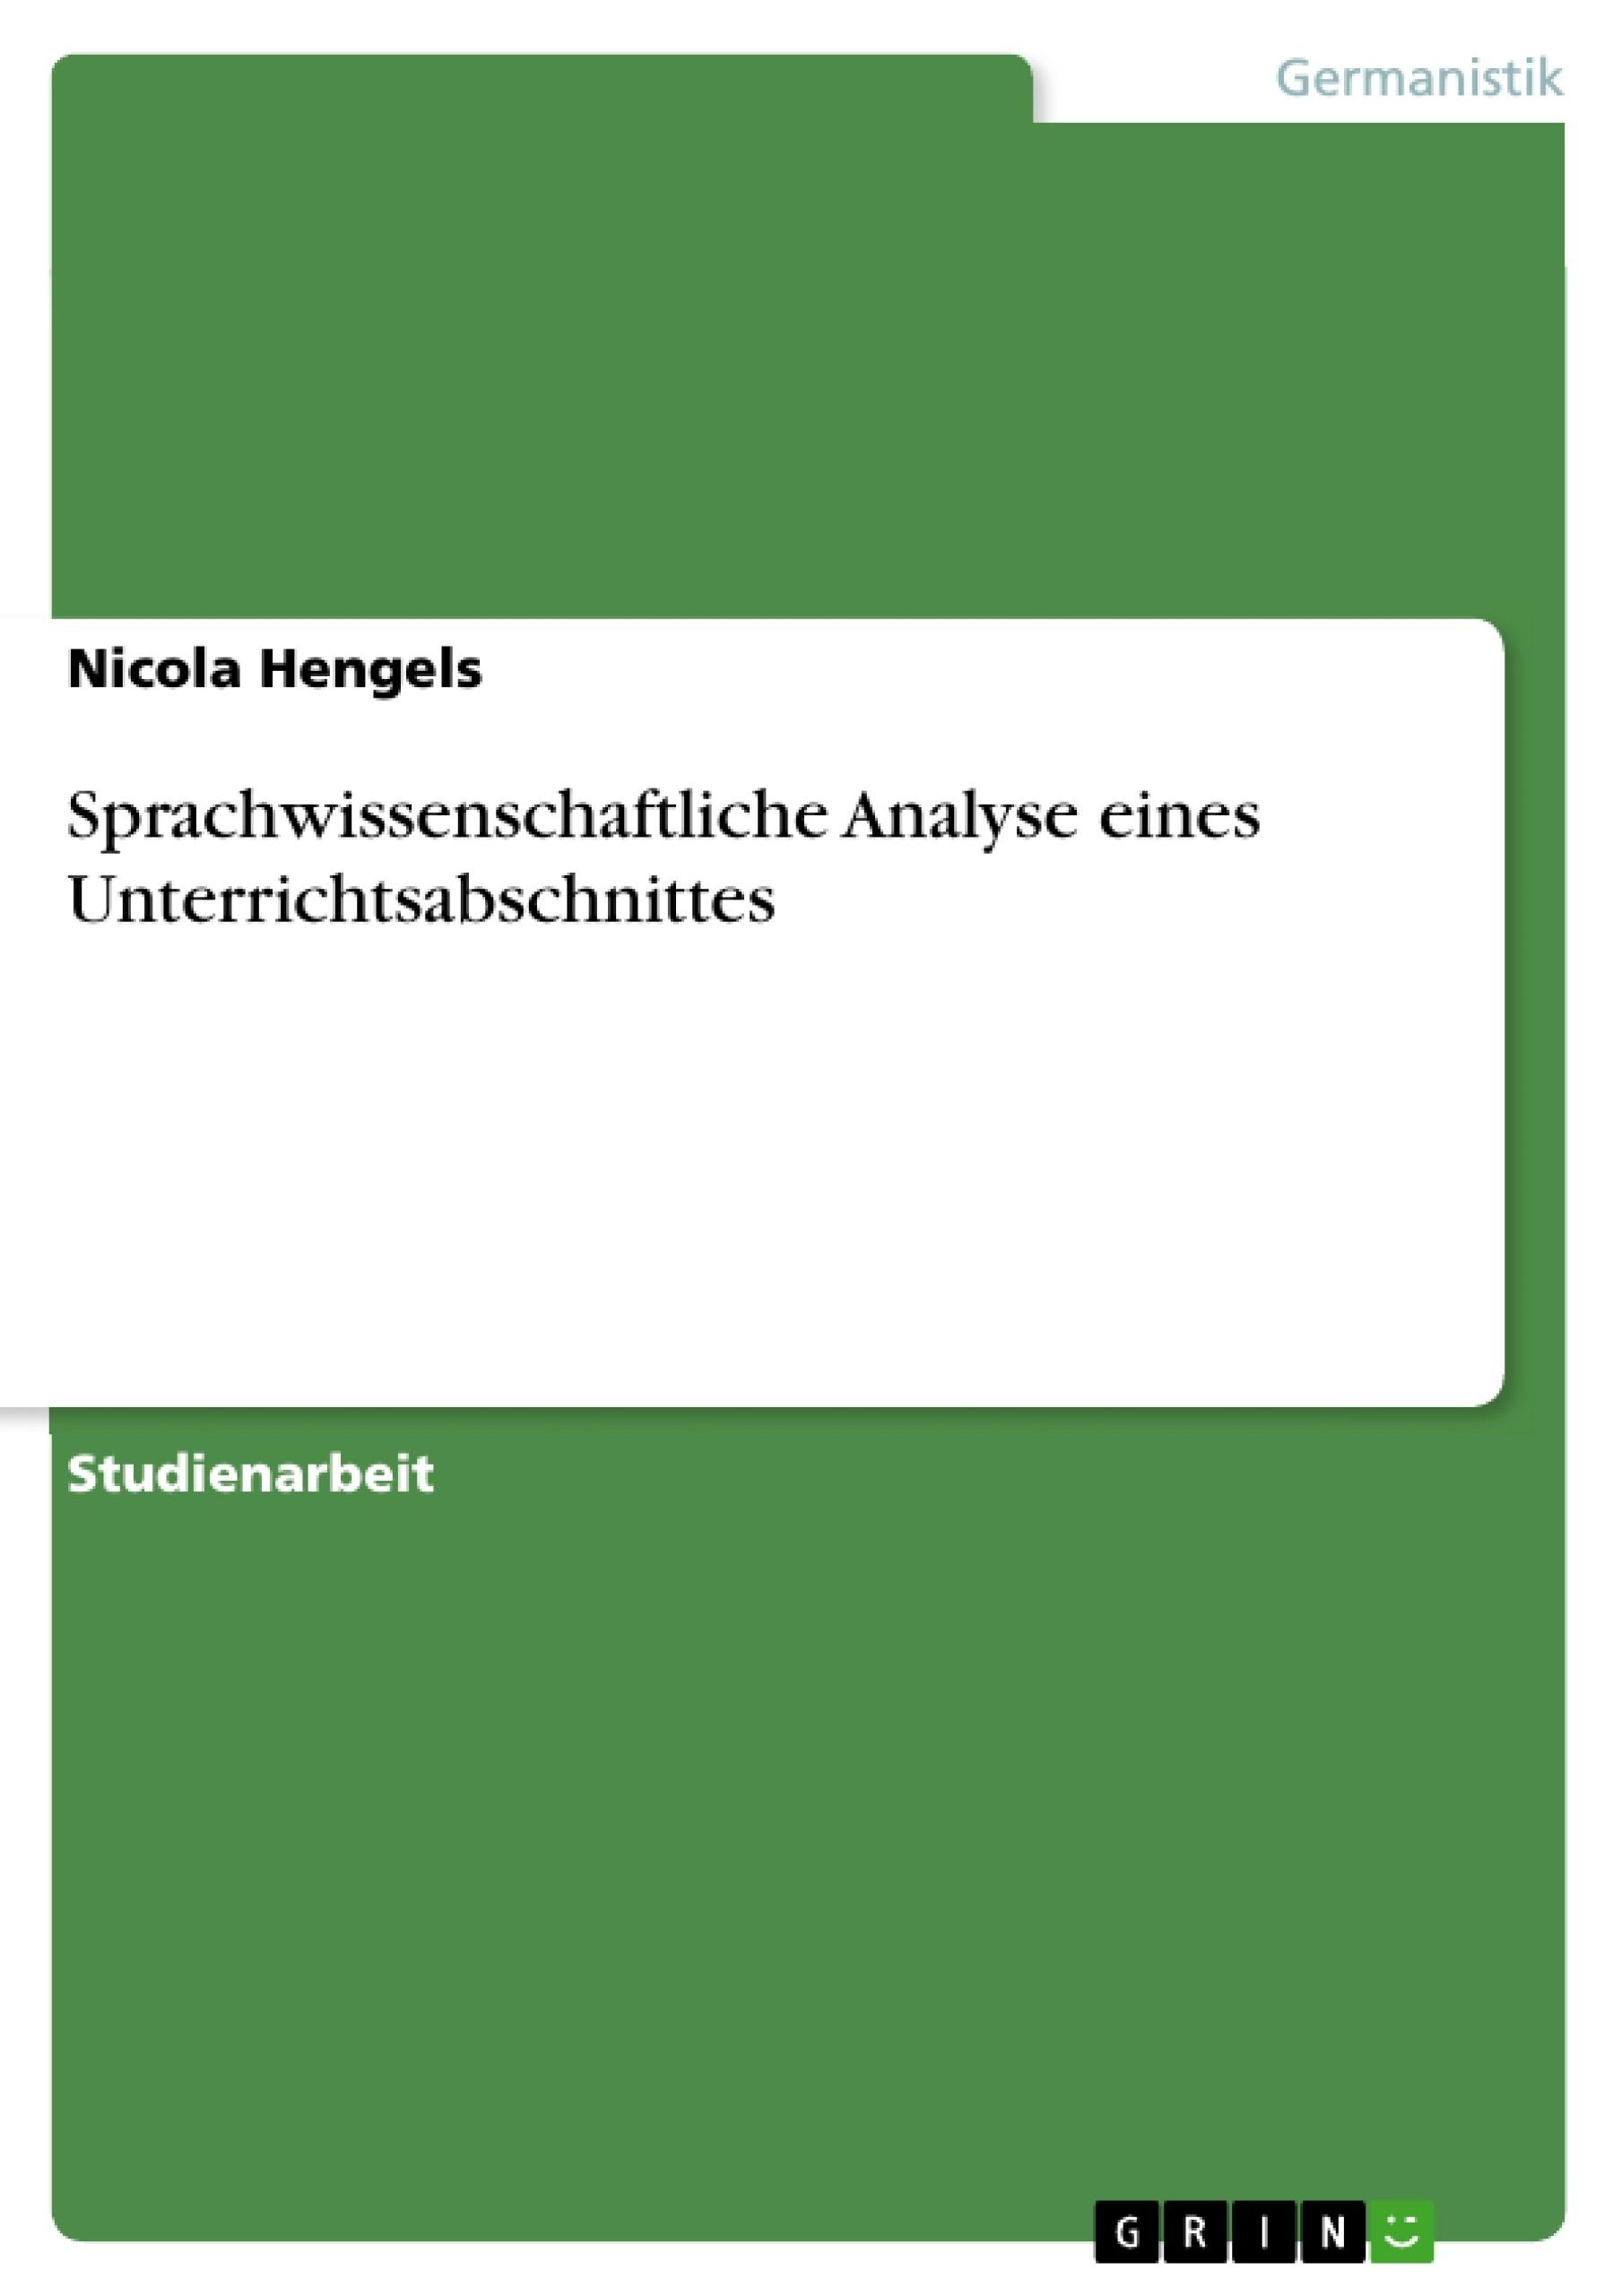 Titel: Sprachwissenschaftliche Analyse eines Unterrichtsabschnittes